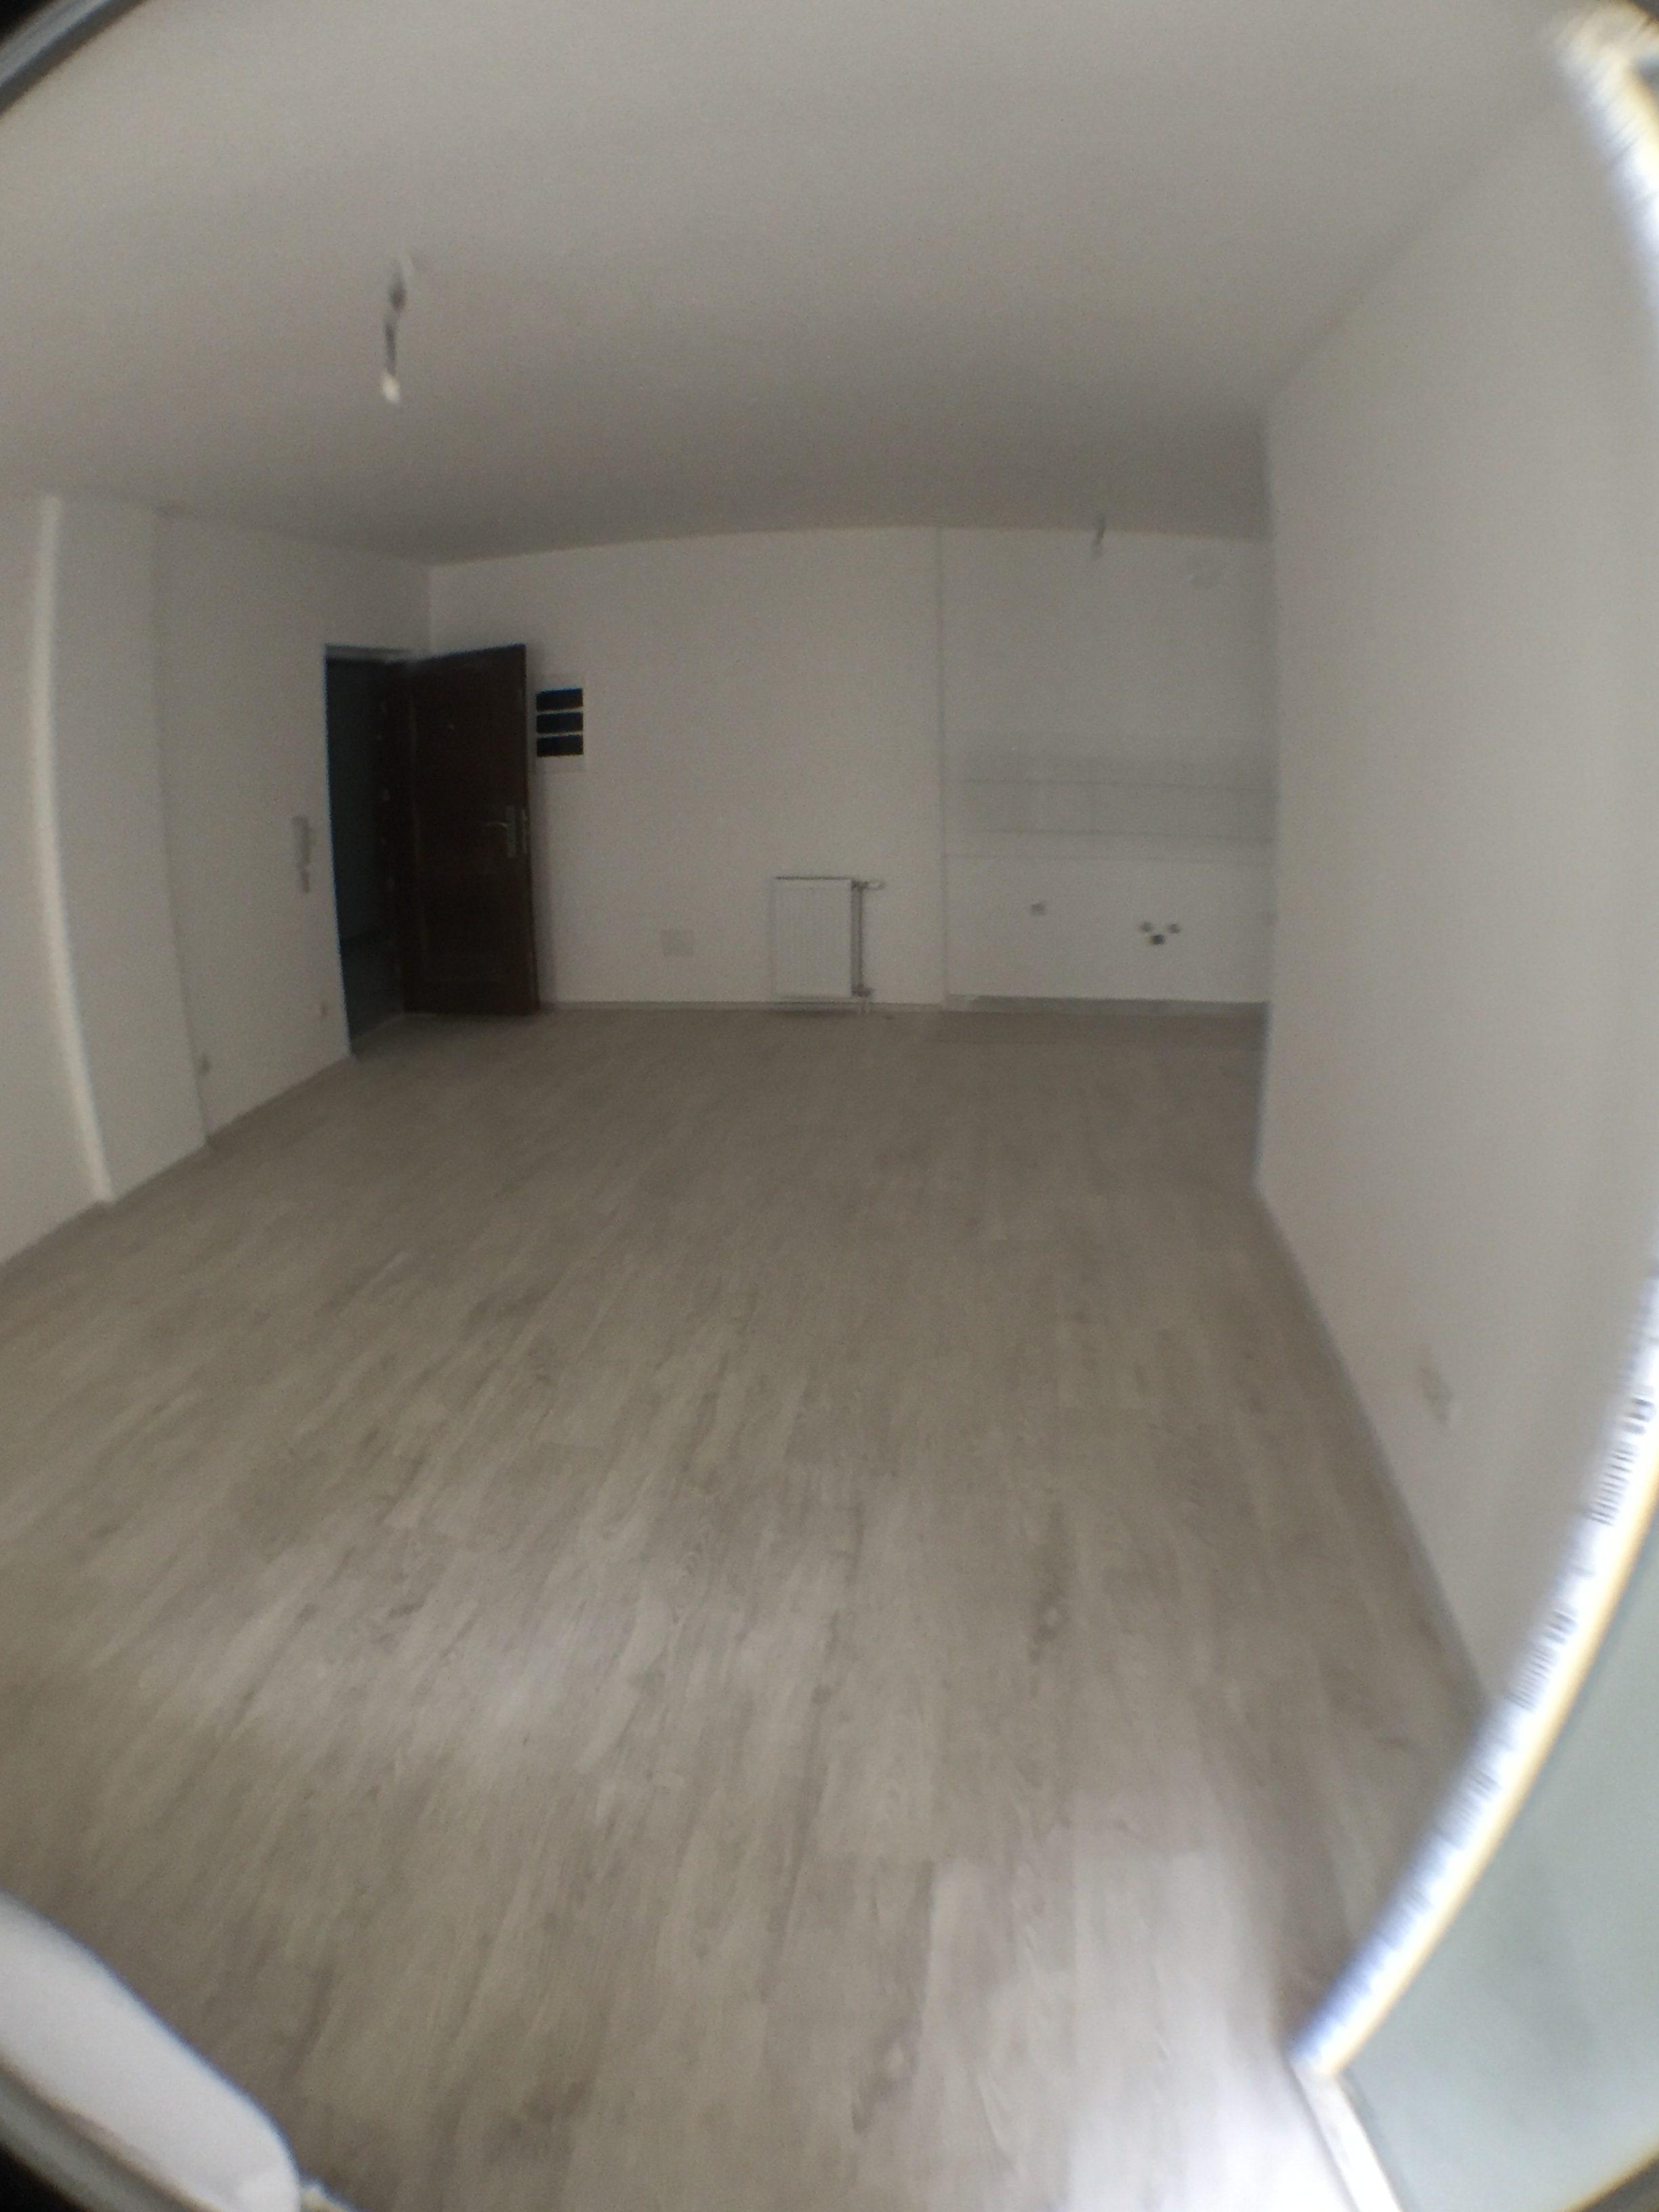 Shitet banesa 3 dhomëshe 75.50m2 kati 6 në Fushë Kosovë